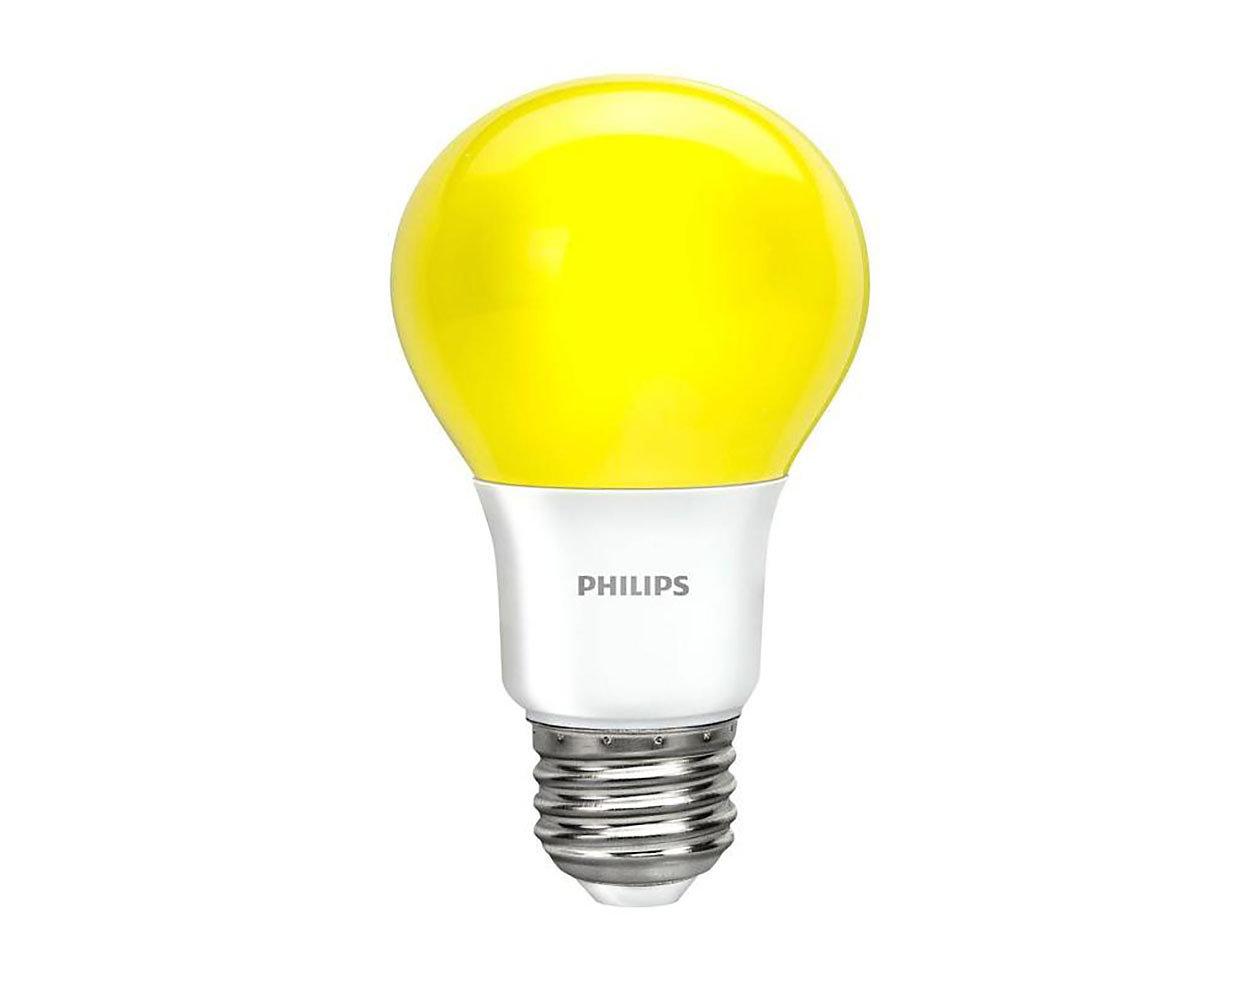 Foco LED de color con luz amarilla brillante